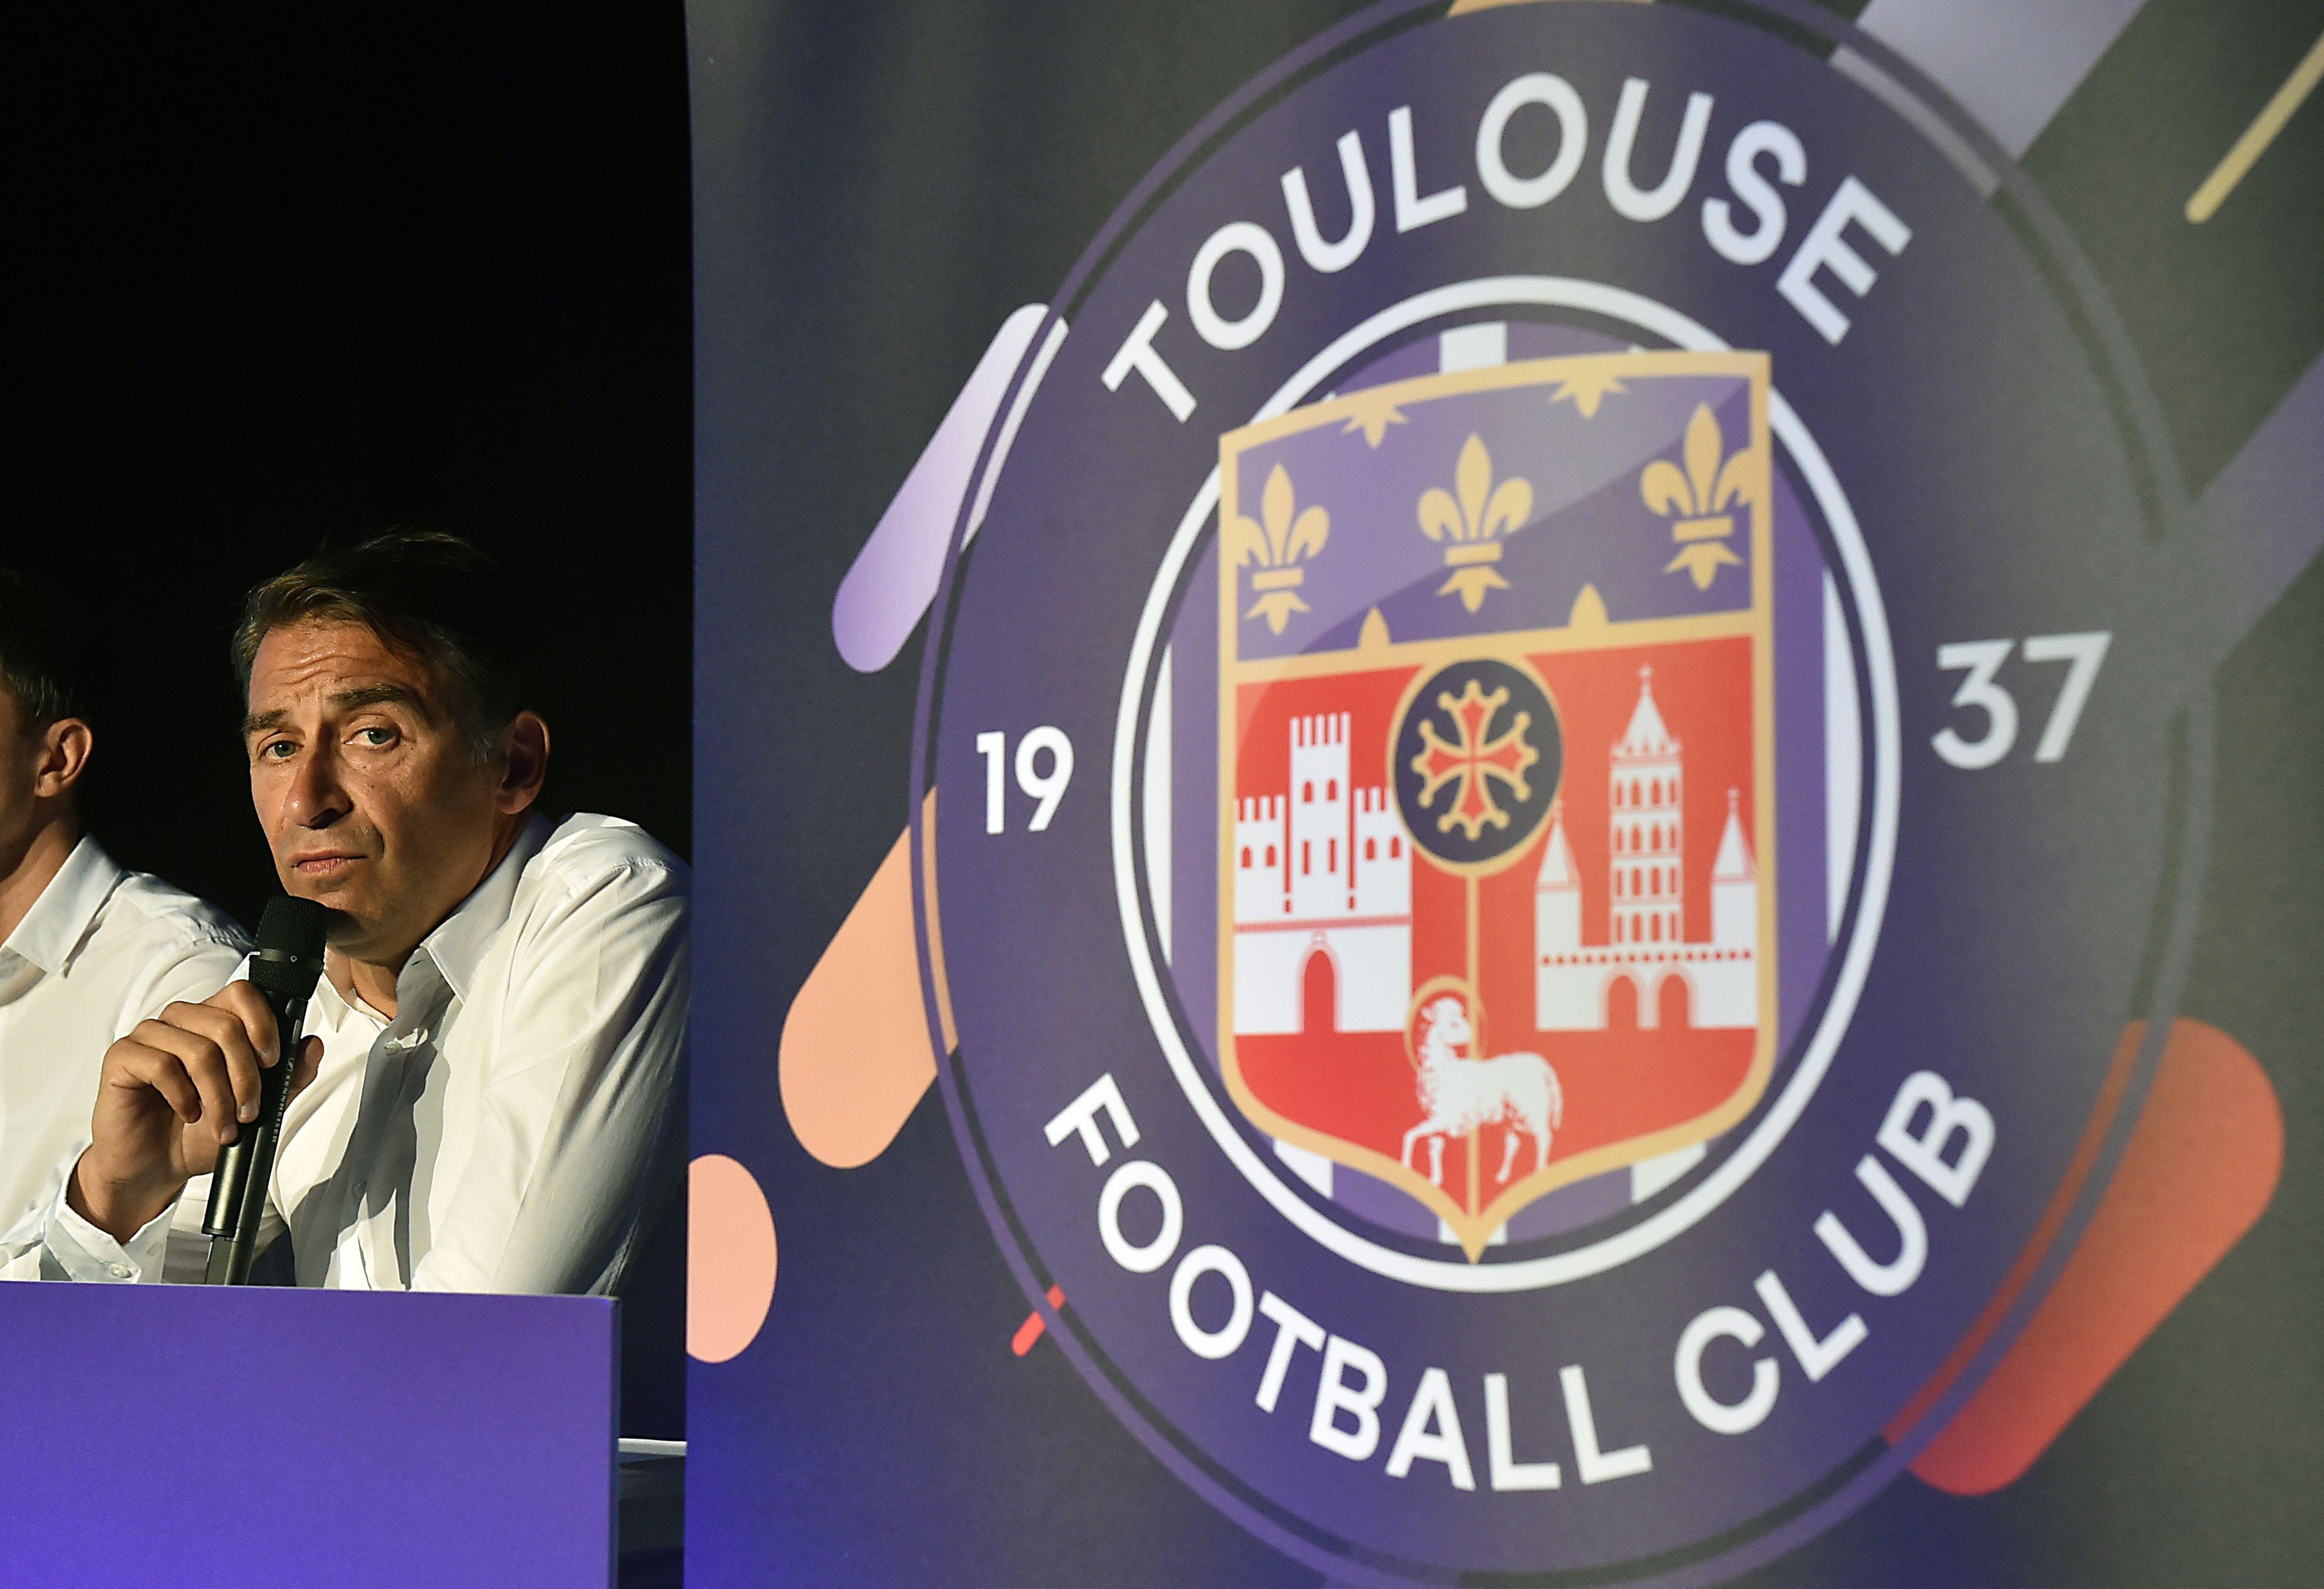 Après Amiens, Toulouse conteste sa rétrogradation en Ligue 2 et porte l'affaire en justice